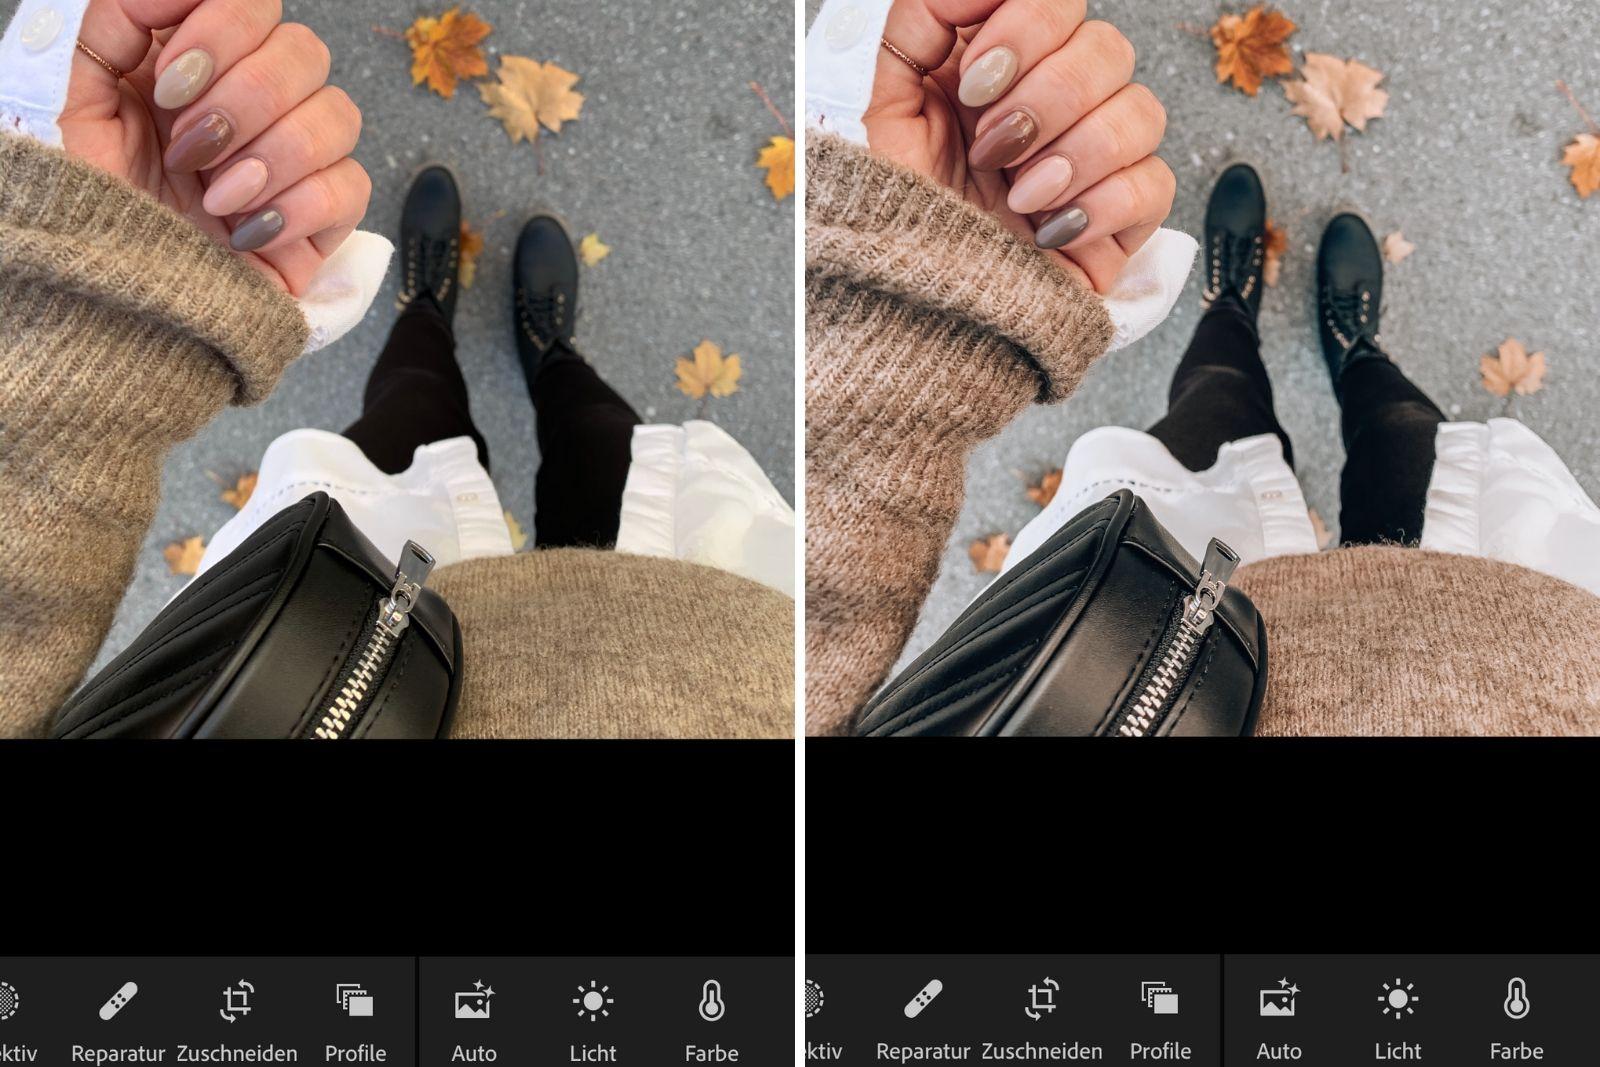 So bearbeite ich meine Instagram Bilder - Instagram Bilder bearbeiten - Apps für Instagram Bilder - Bildbearbeitung mit Apps - Instagram Hacks - Instagram Tipps - Das perfekte Foto für Instagram - Fashionladyloves by Tamara Wagner